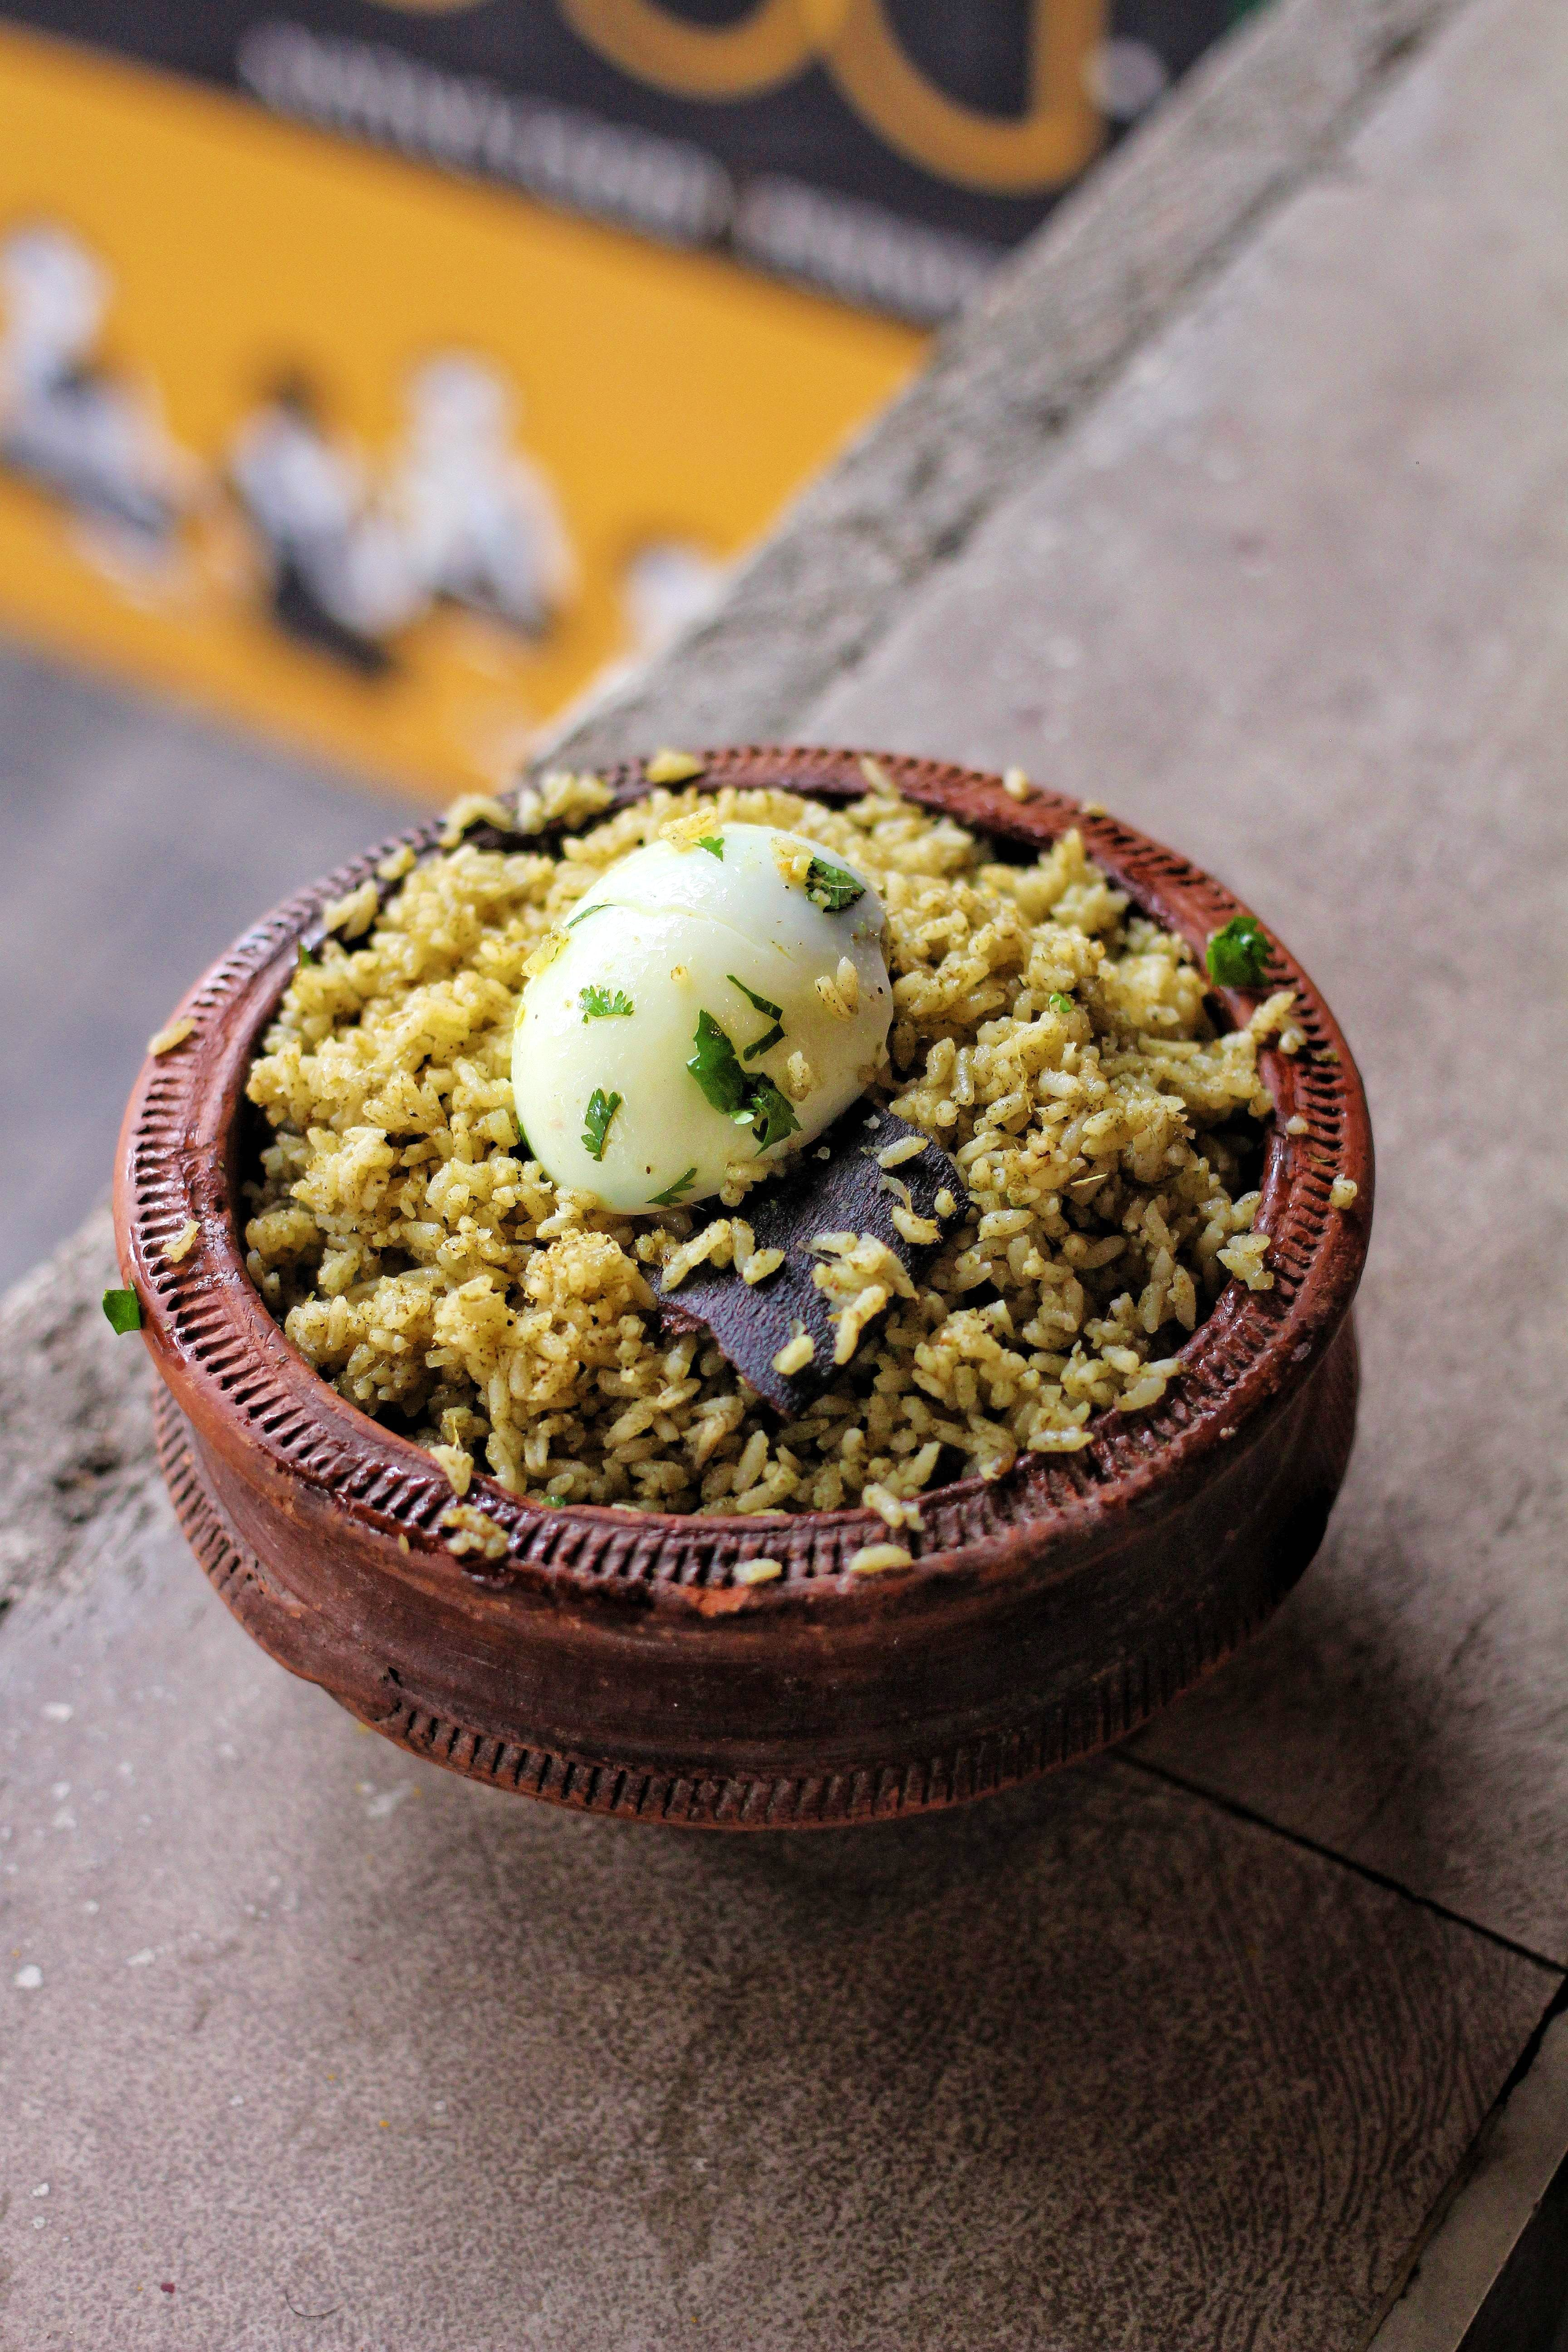 Dish,Food,Cuisine,Ingredient,Recipe,Pistachio ice cream,Produce,Side dish